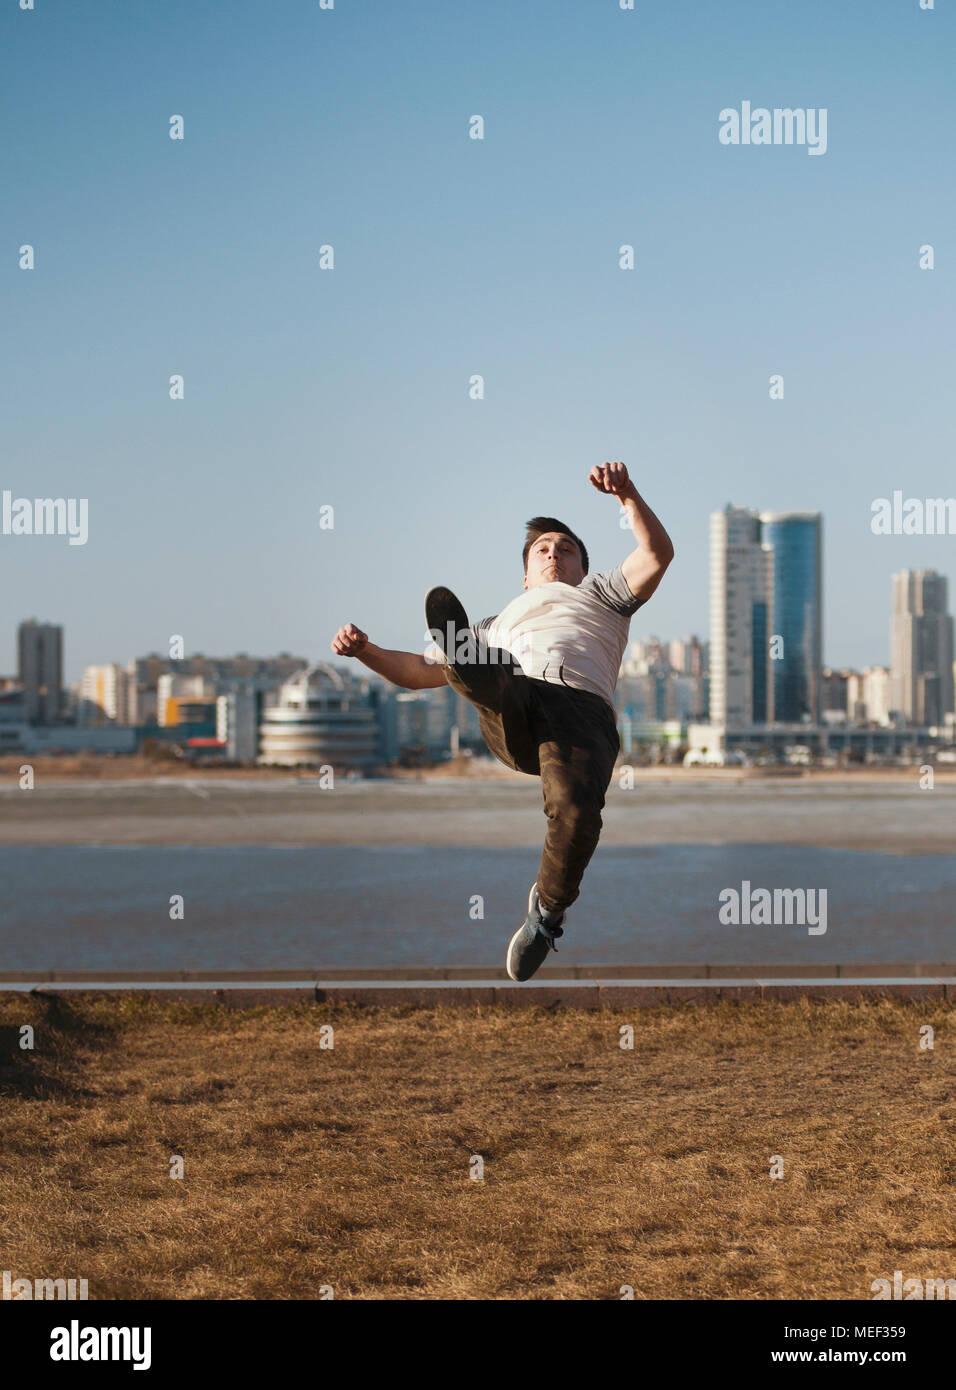 Giovane maschio parkour atleta esegue salti acrobatici nella parte anteriore della skyline Immagini Stock